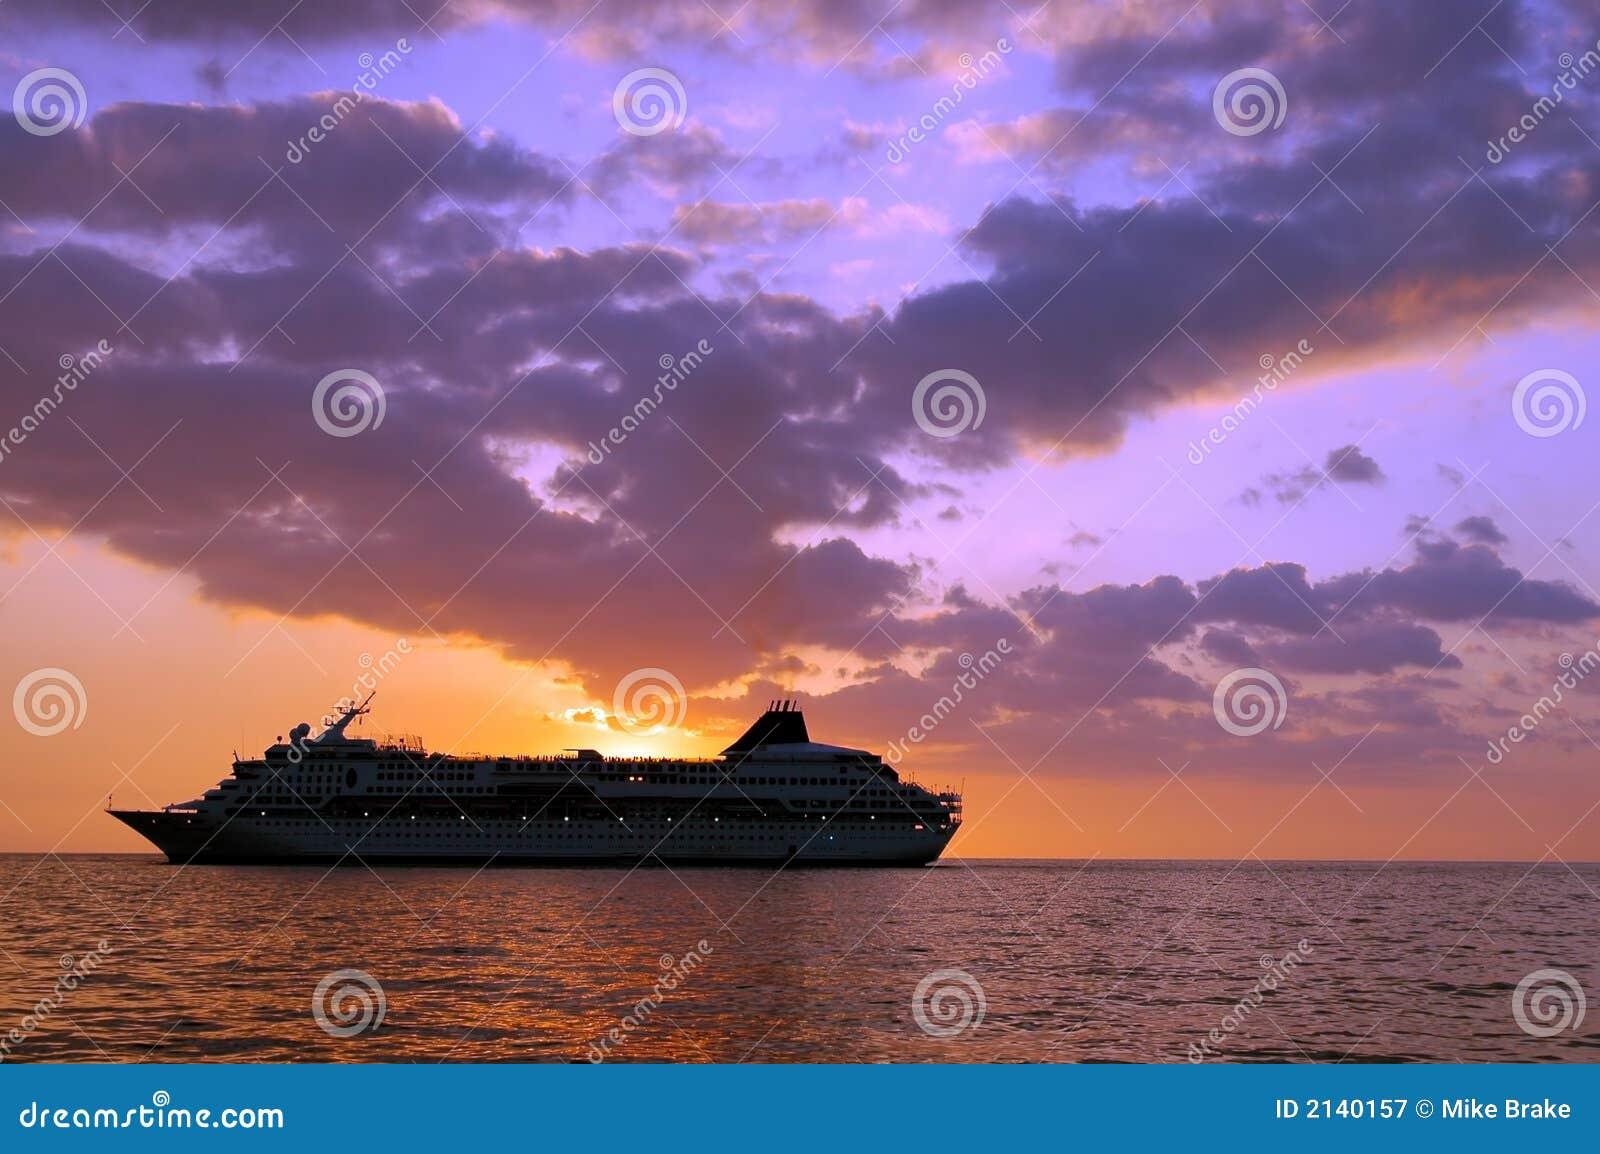 Tropical Cruise Ship